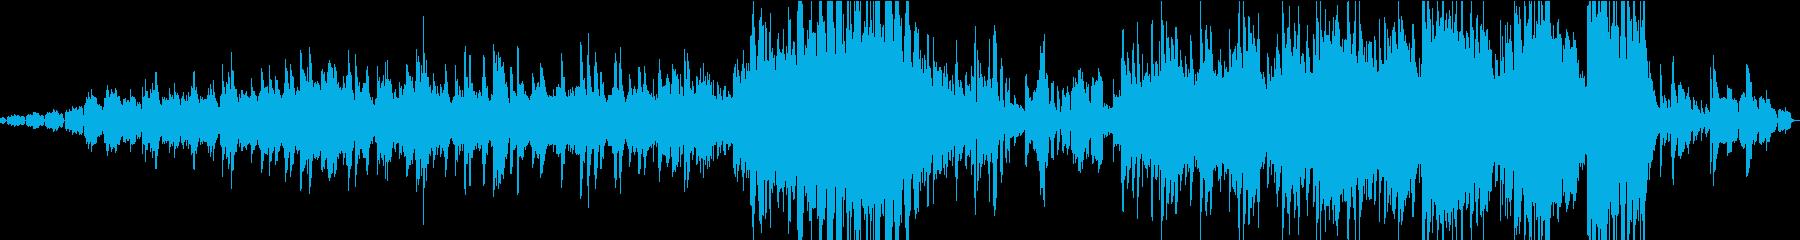 ピアノのエレクトロニカの再生済みの波形